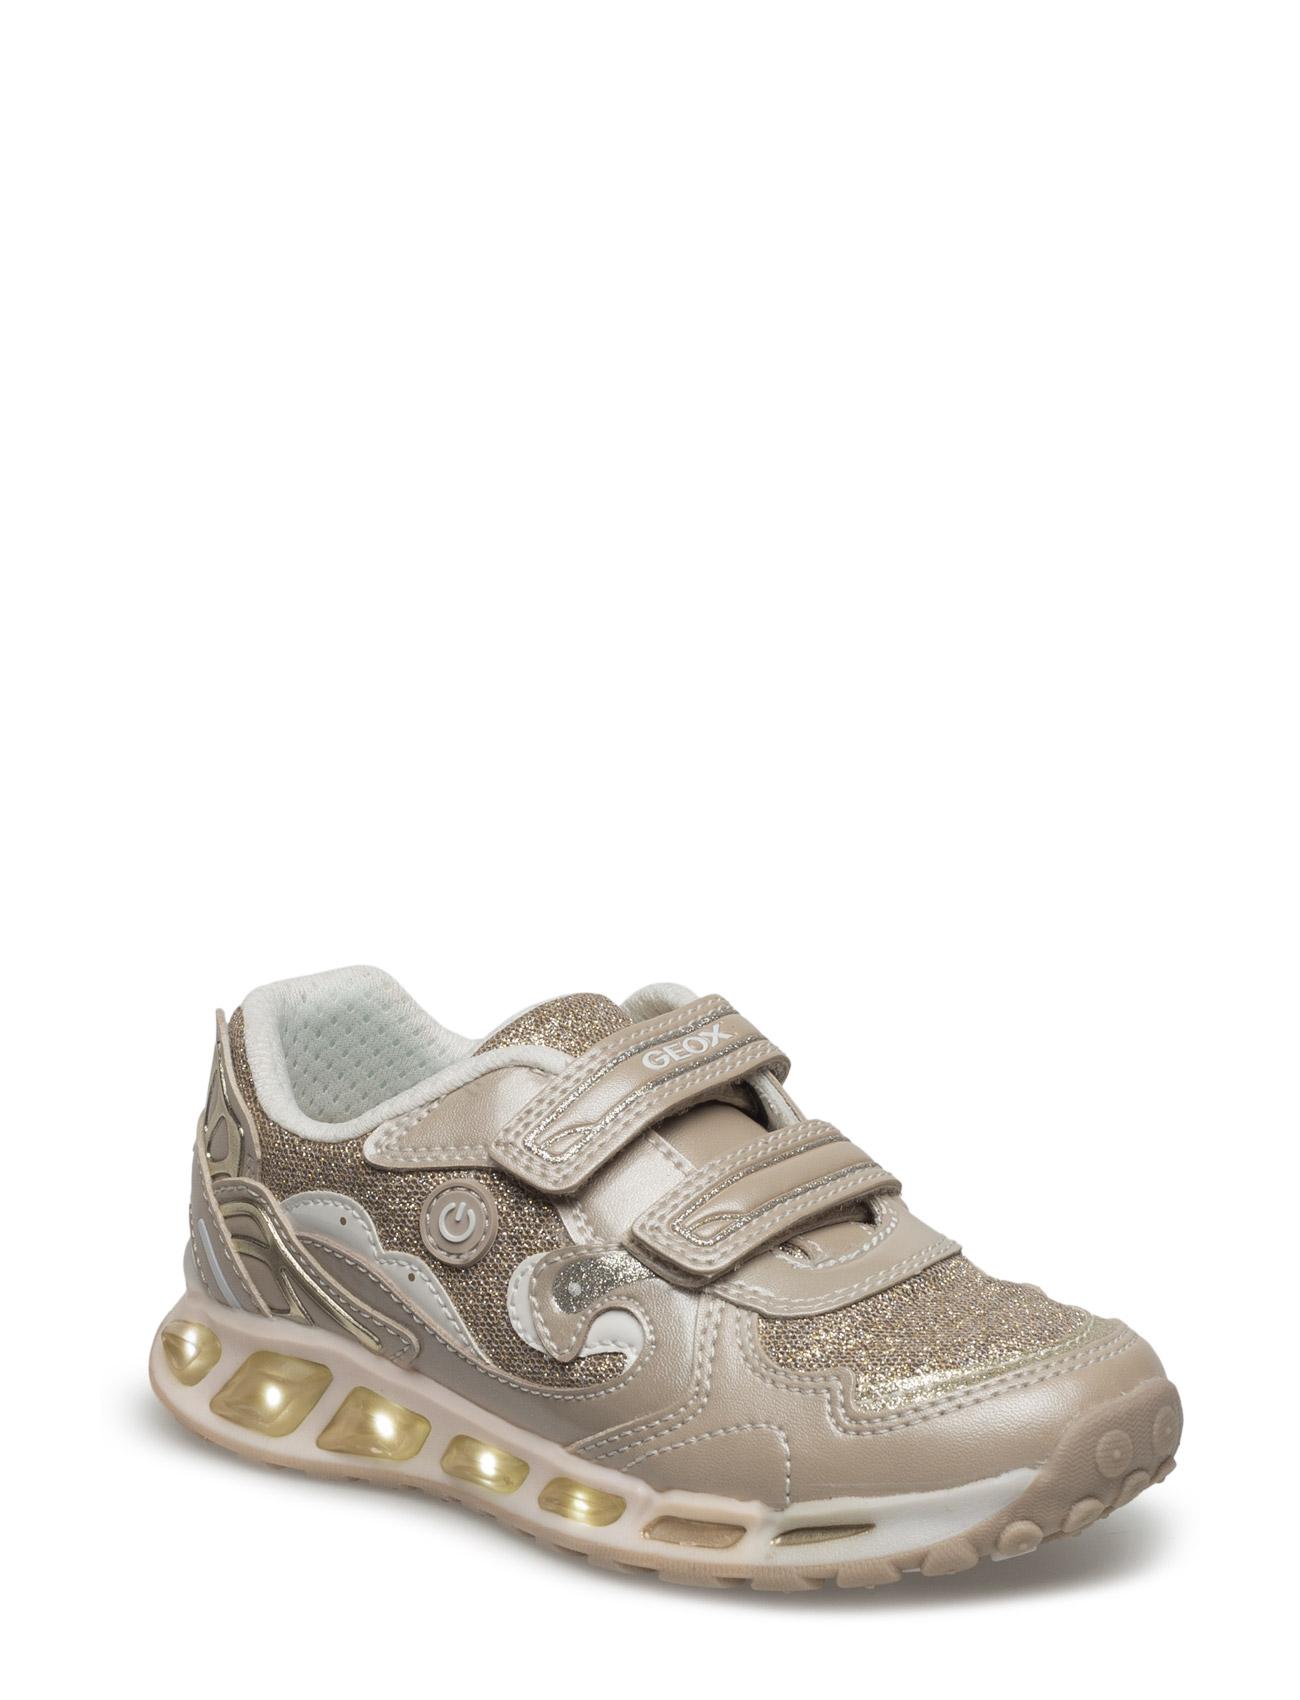 J Shuttle Girl GEOX Sko & Sneakers til Børn i